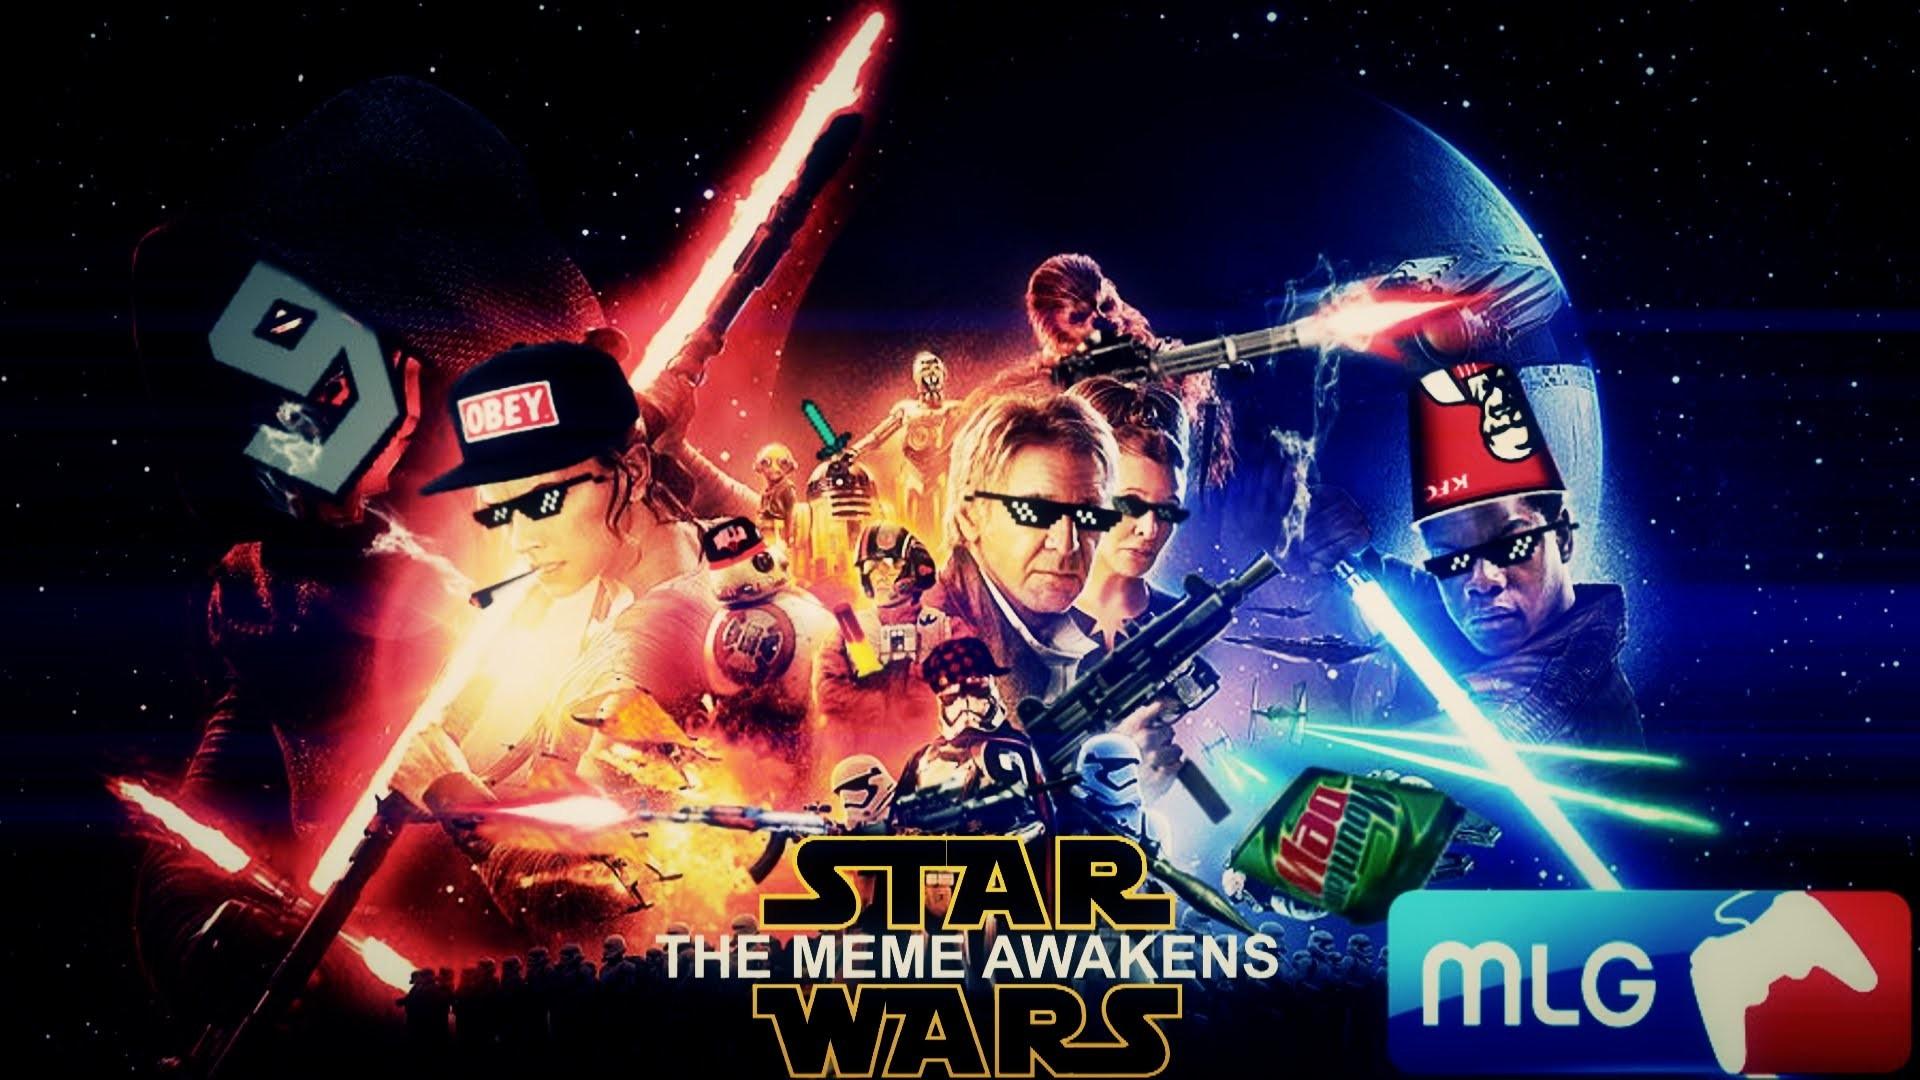 【MLG】STAR WARS – THE MEME AWAKENS – YouTube